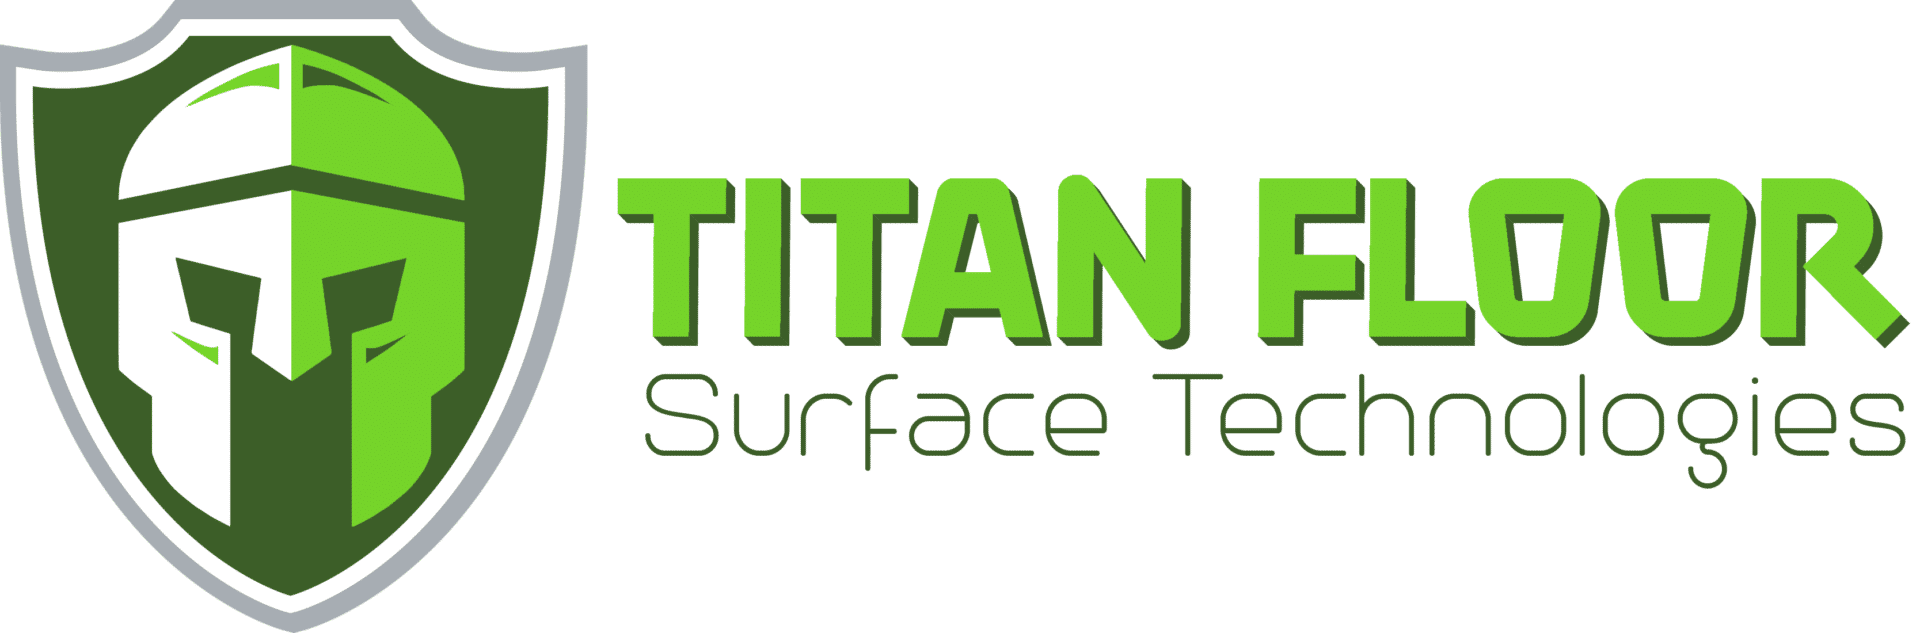 Titan Floor